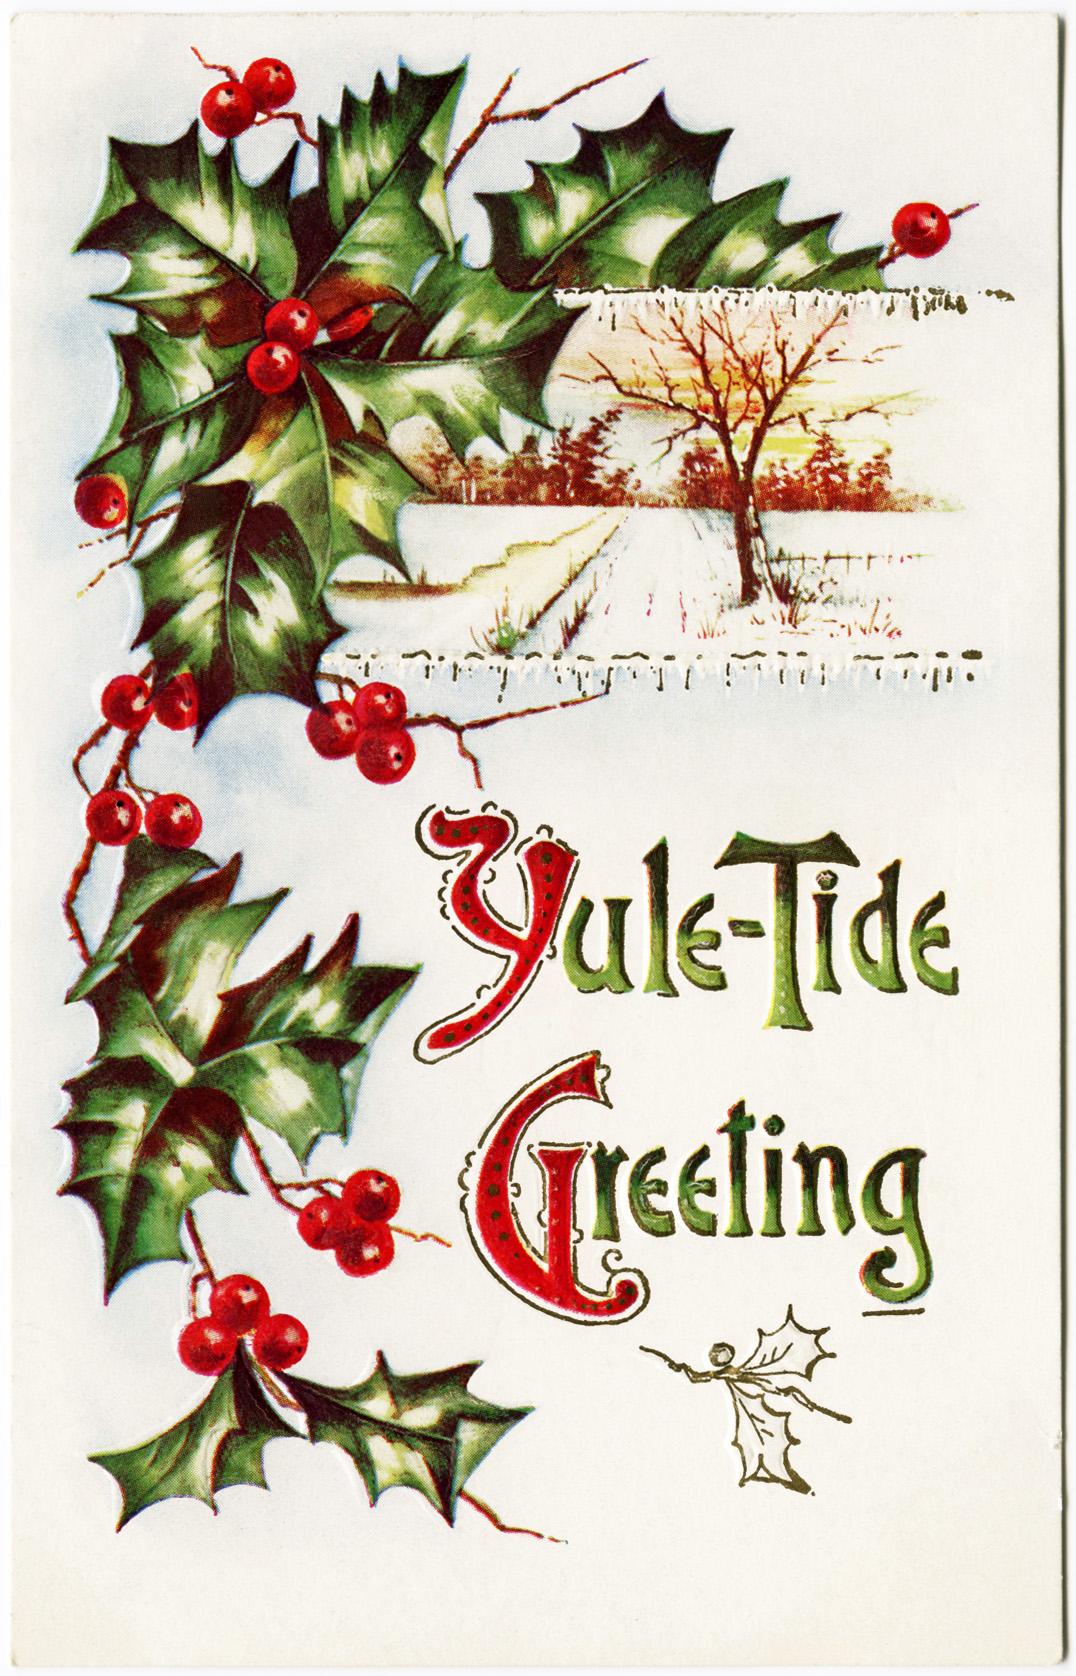 Public Domain Vintage Christmas Images : public, domain, vintage, christmas, images, Public, Domain, Vintage, Christmas, Image